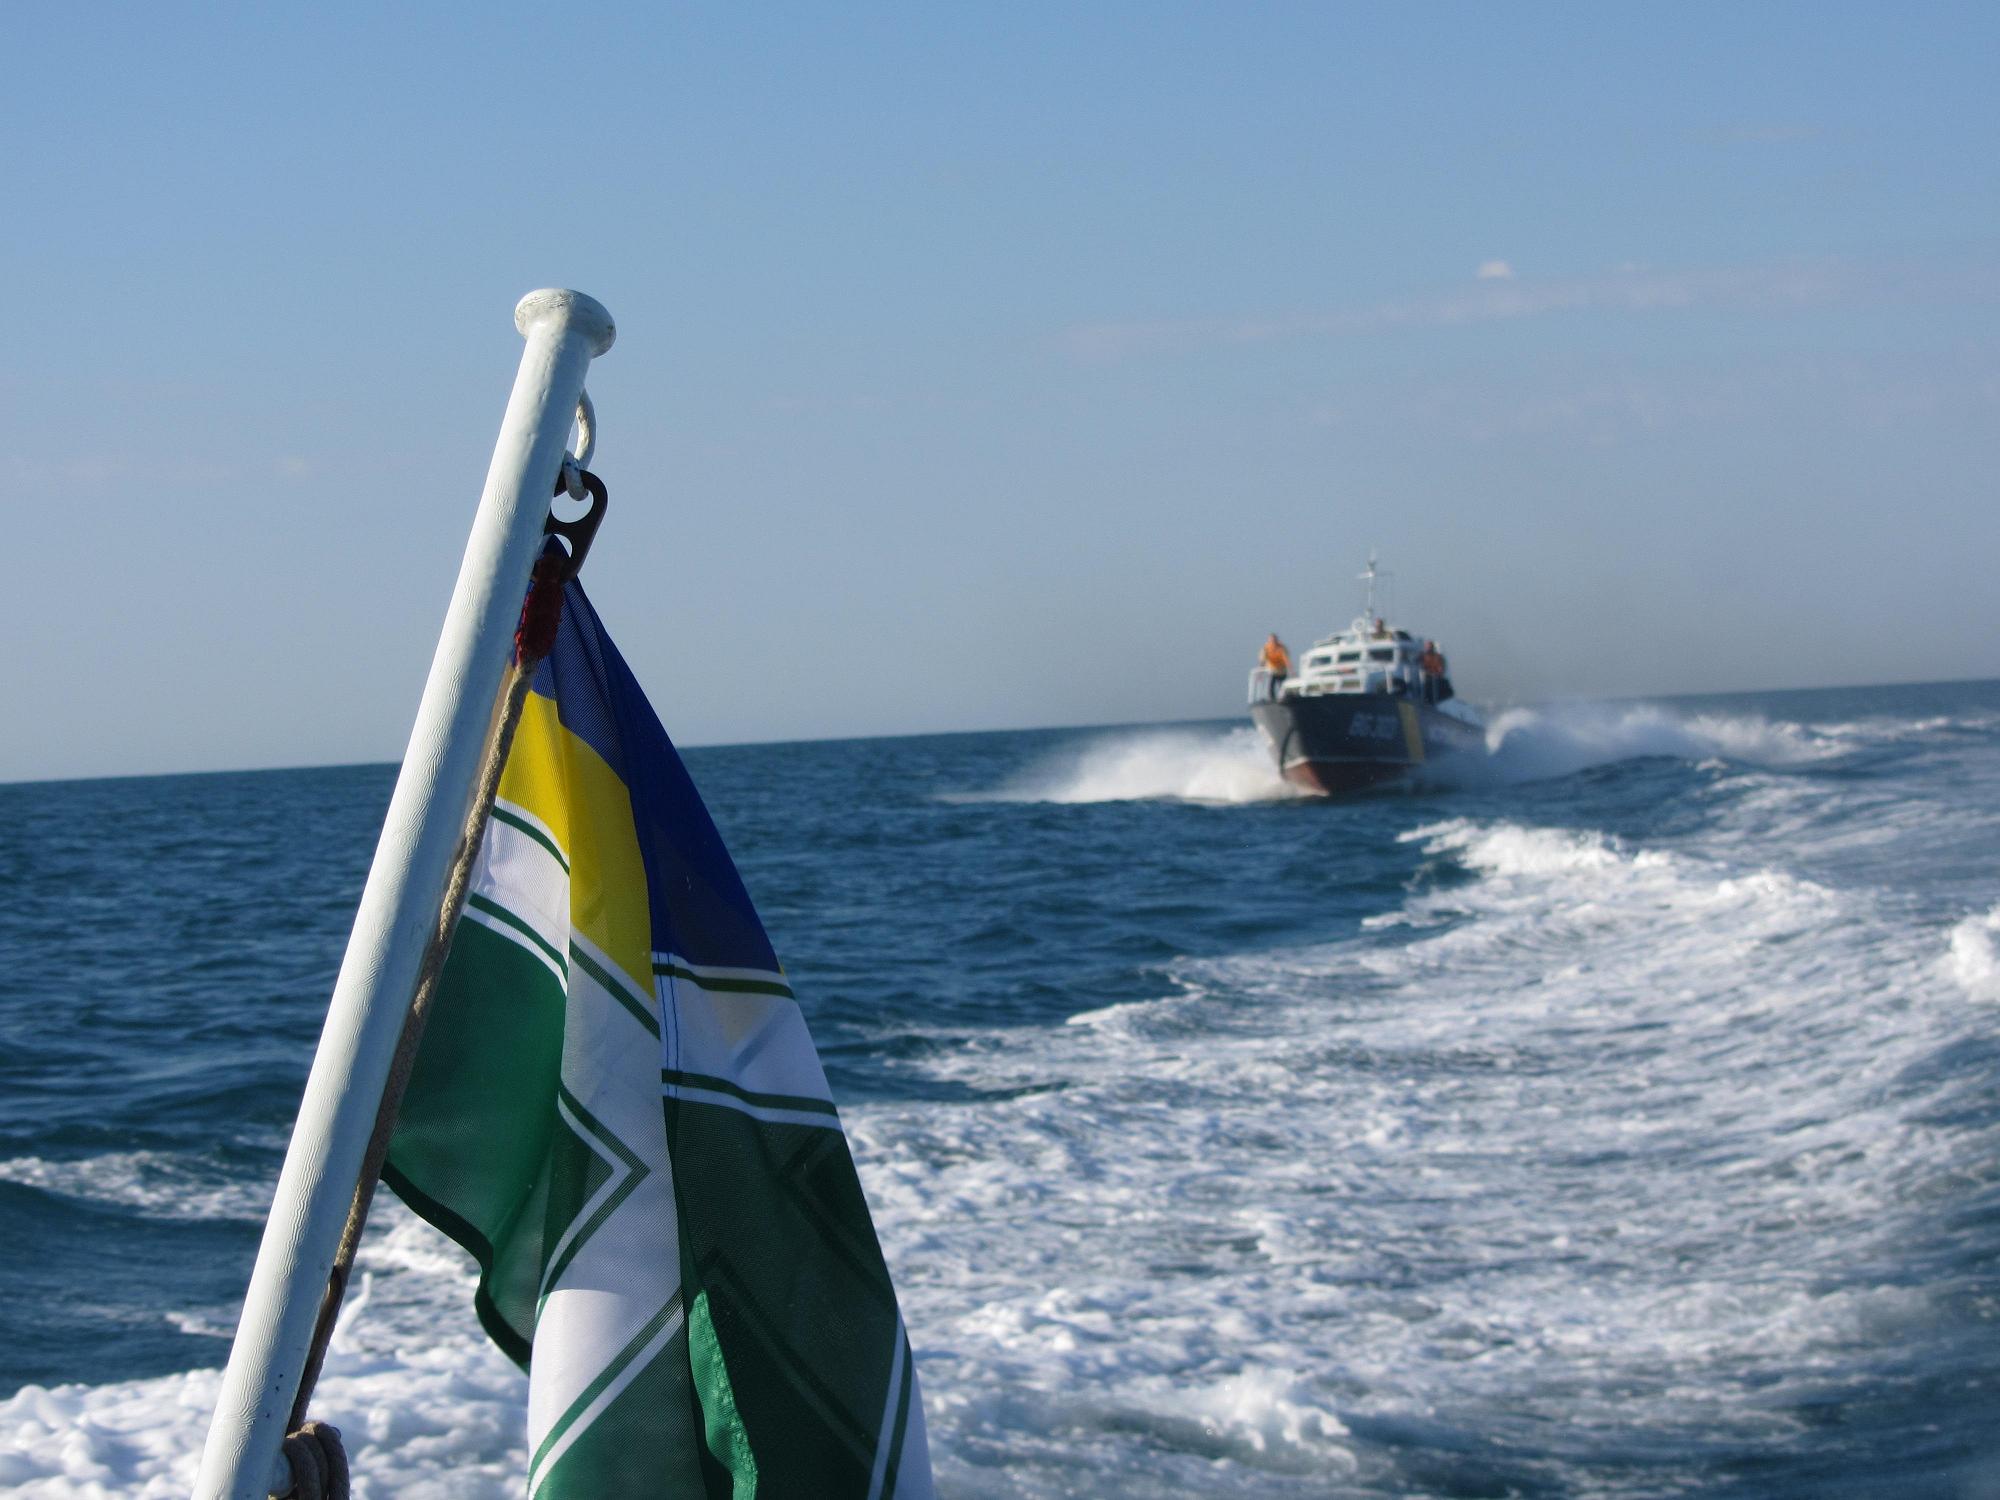 гпсу госпогранслужба пограничники морская охрана / dpsu.gov.ua